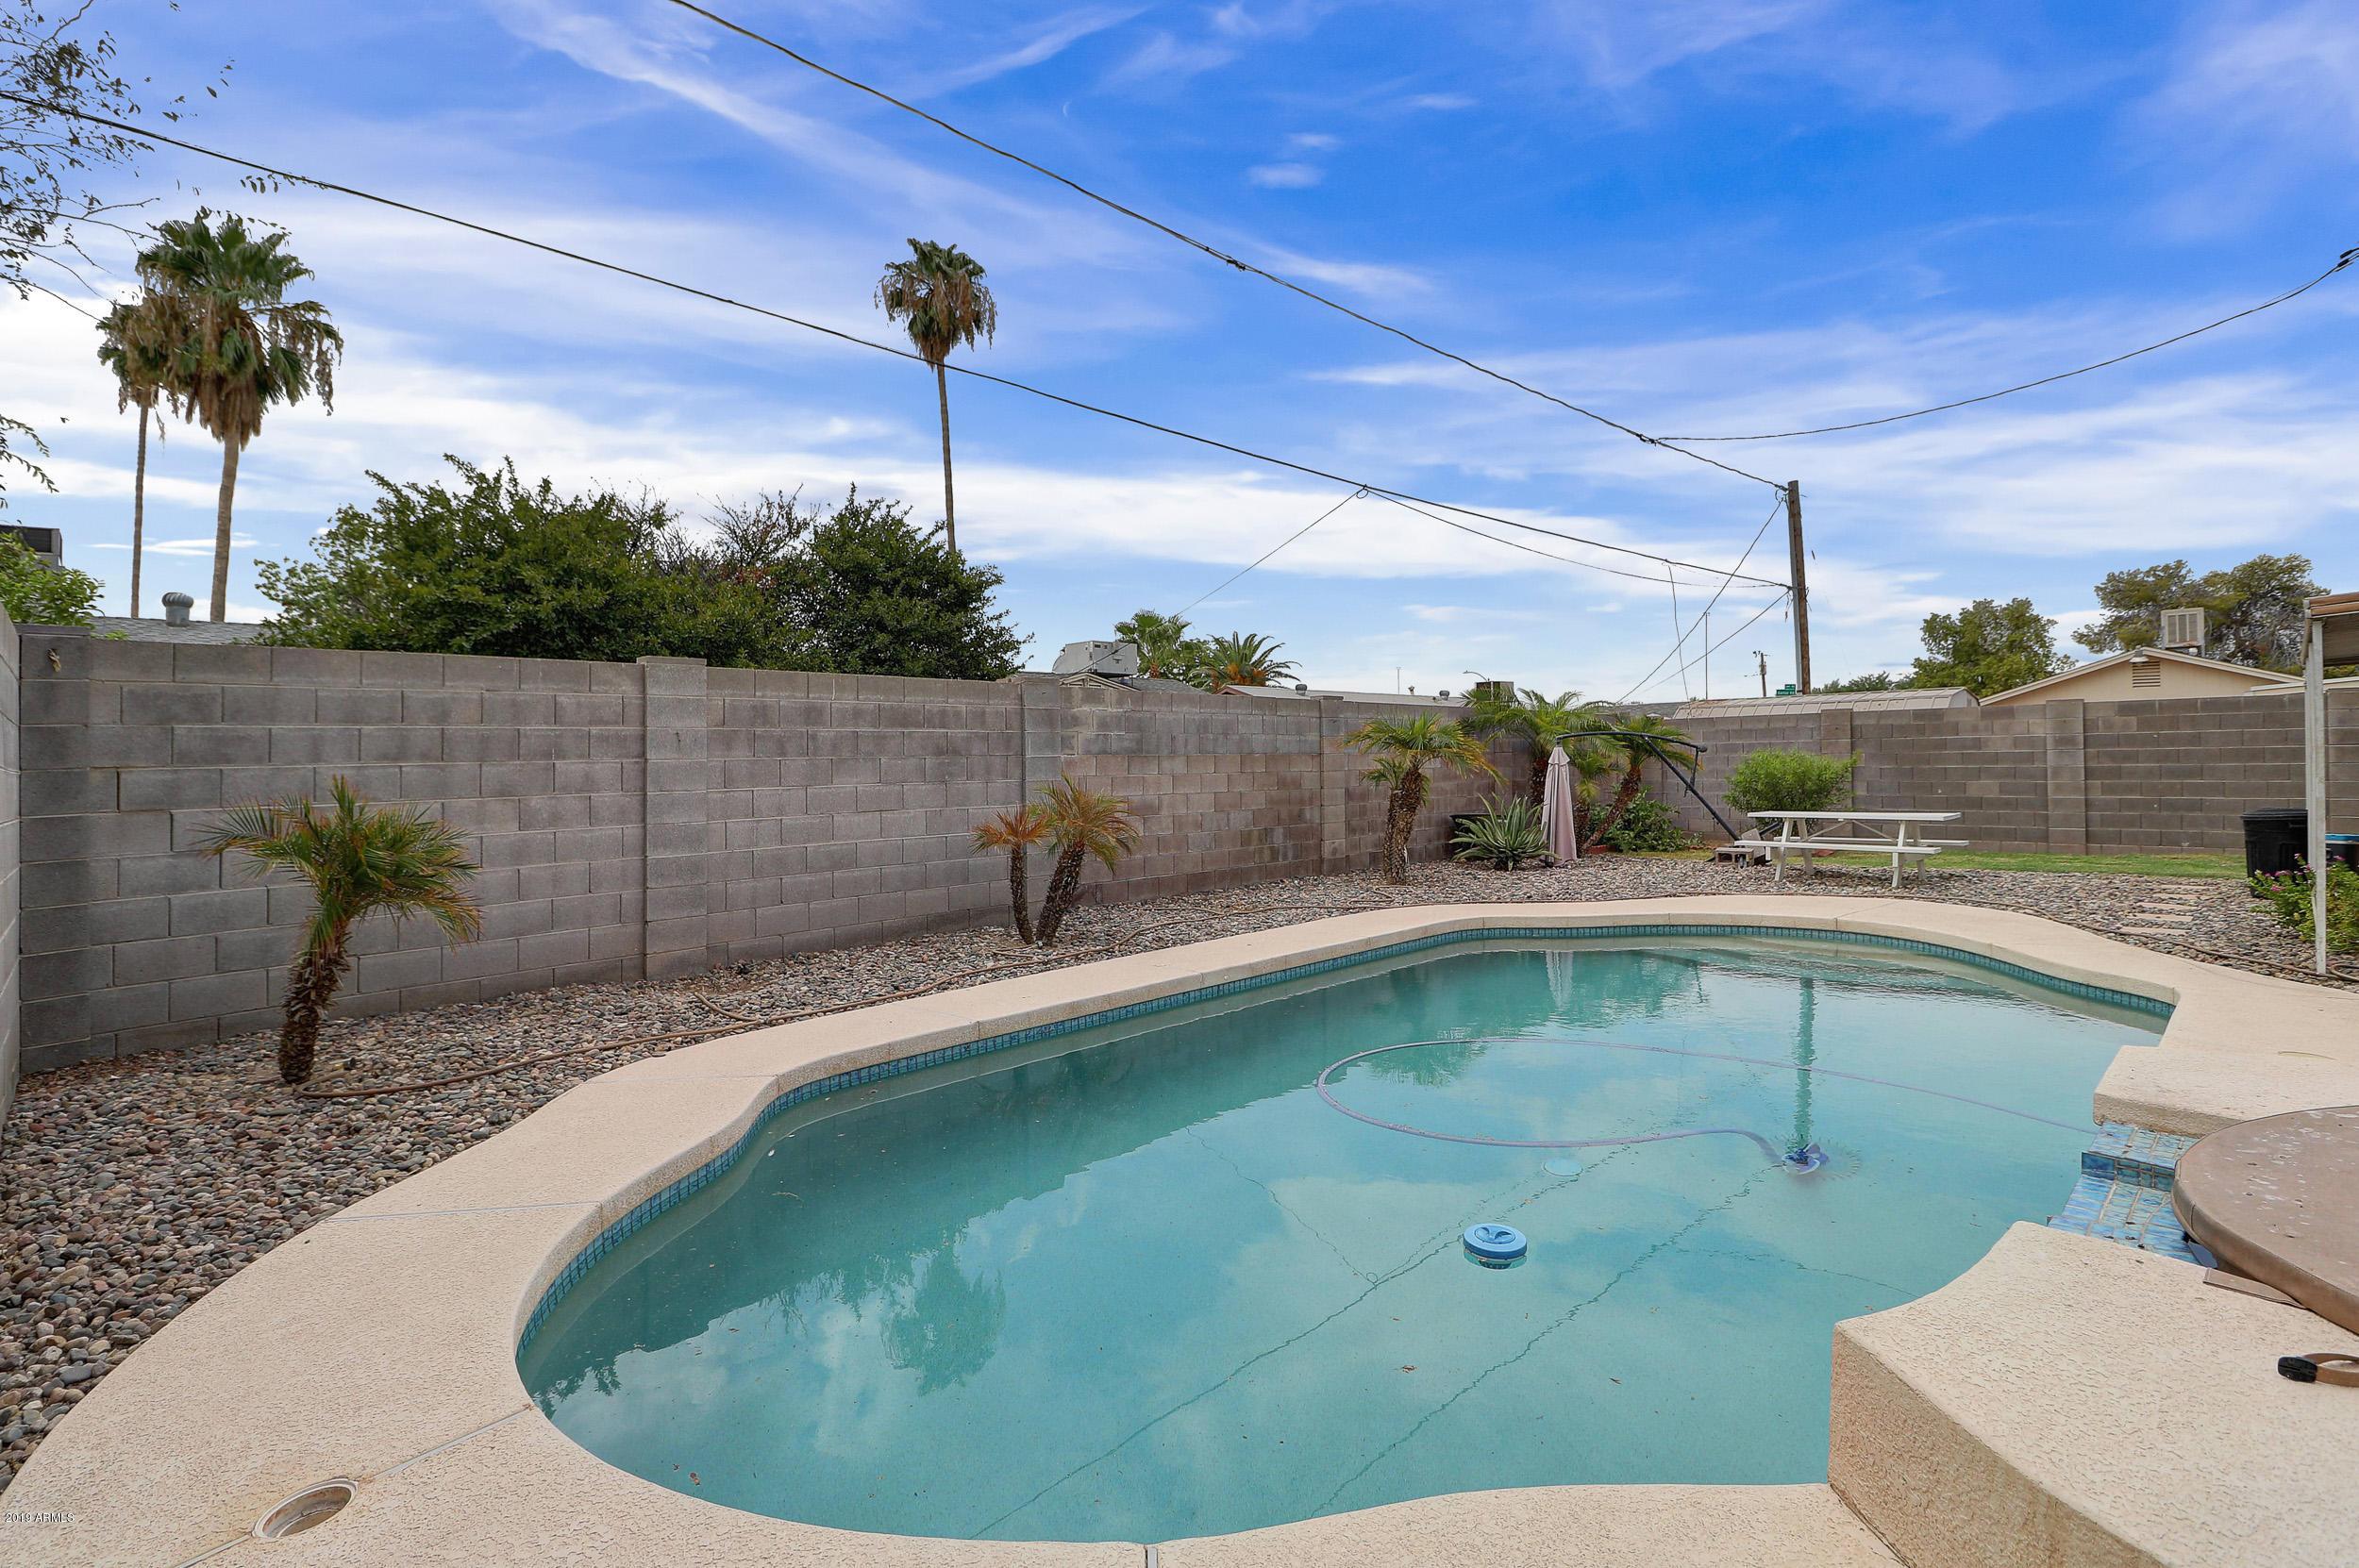 MLS 5968681 3449 E FRIESS Drive, Phoenix, AZ 85032 Phoenix AZ Paradise Valley Oasis